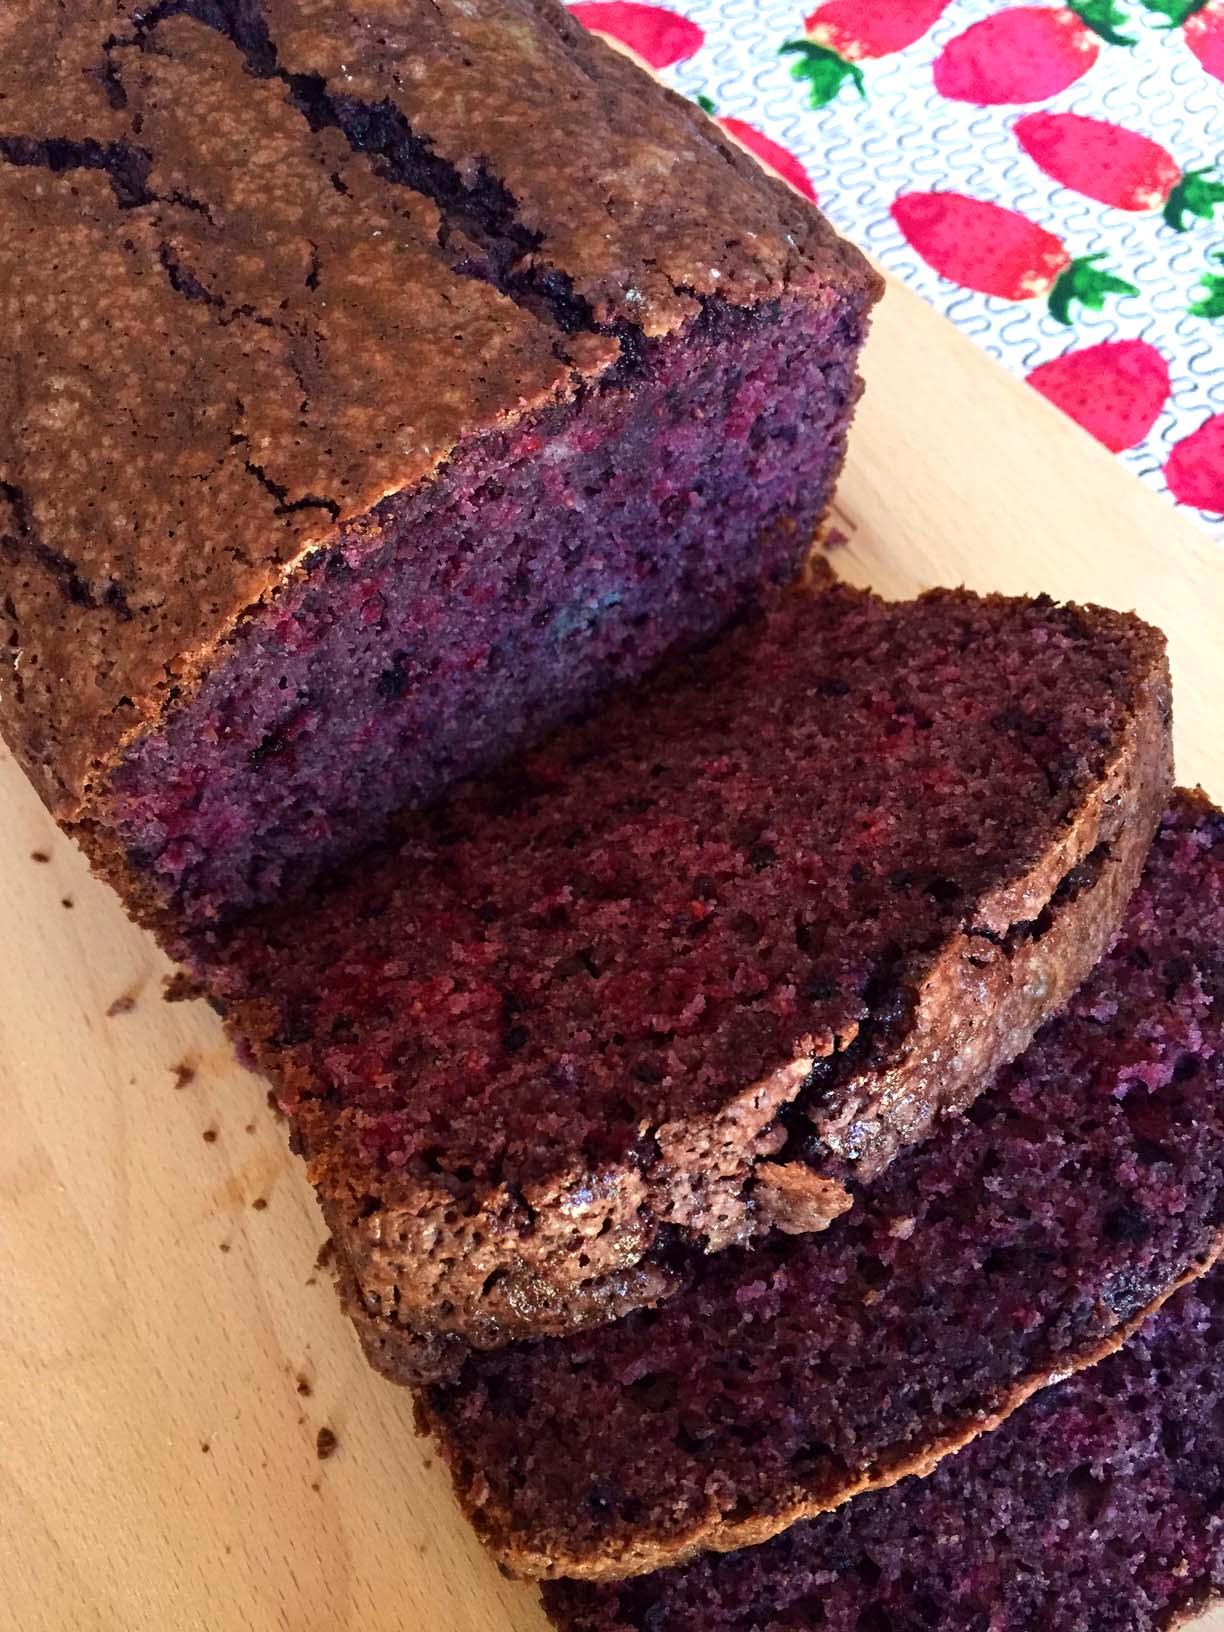 Berry Dessert Recipes Easy